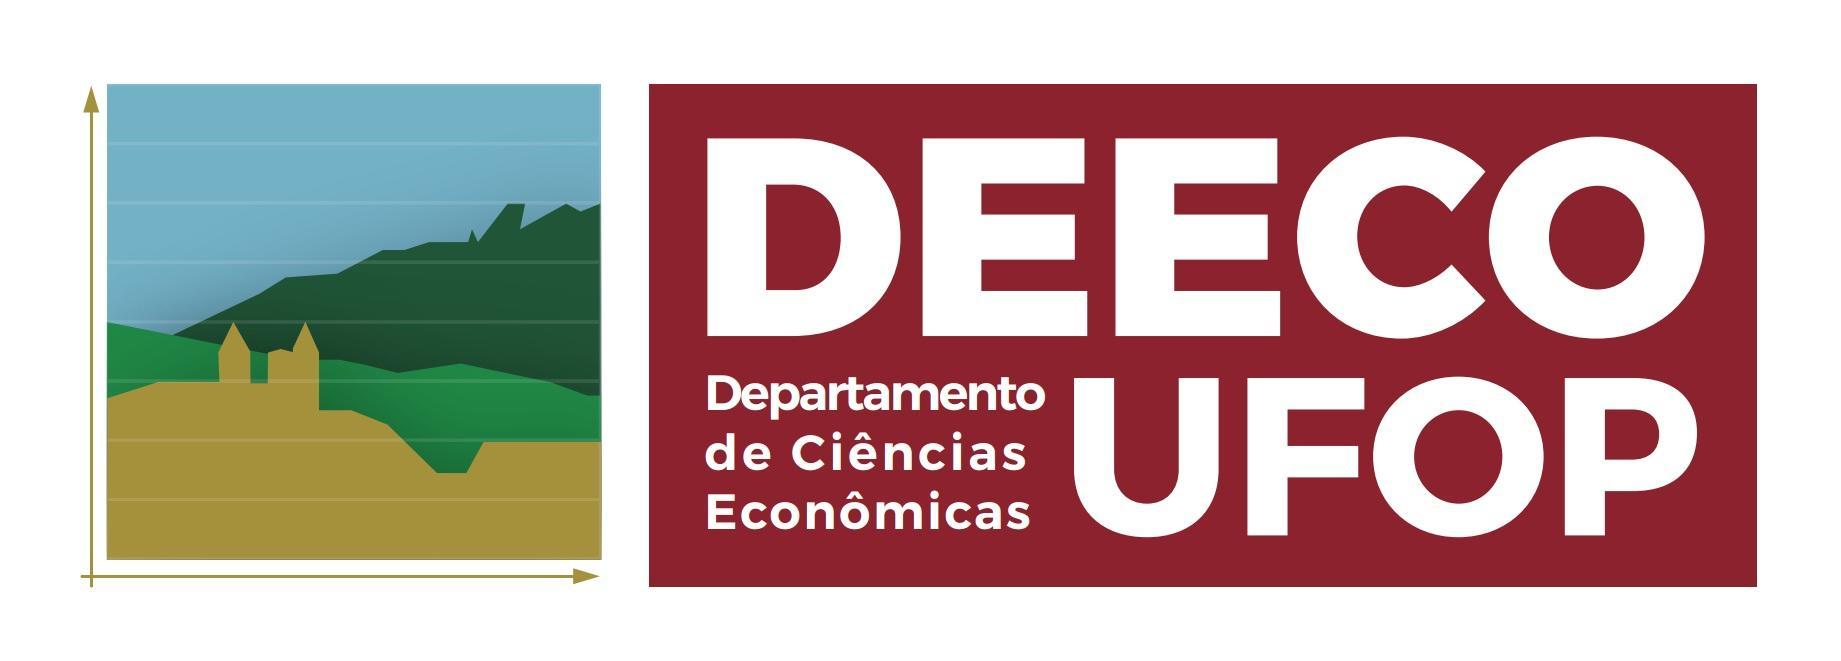 Departamento de Ciências Econômicas